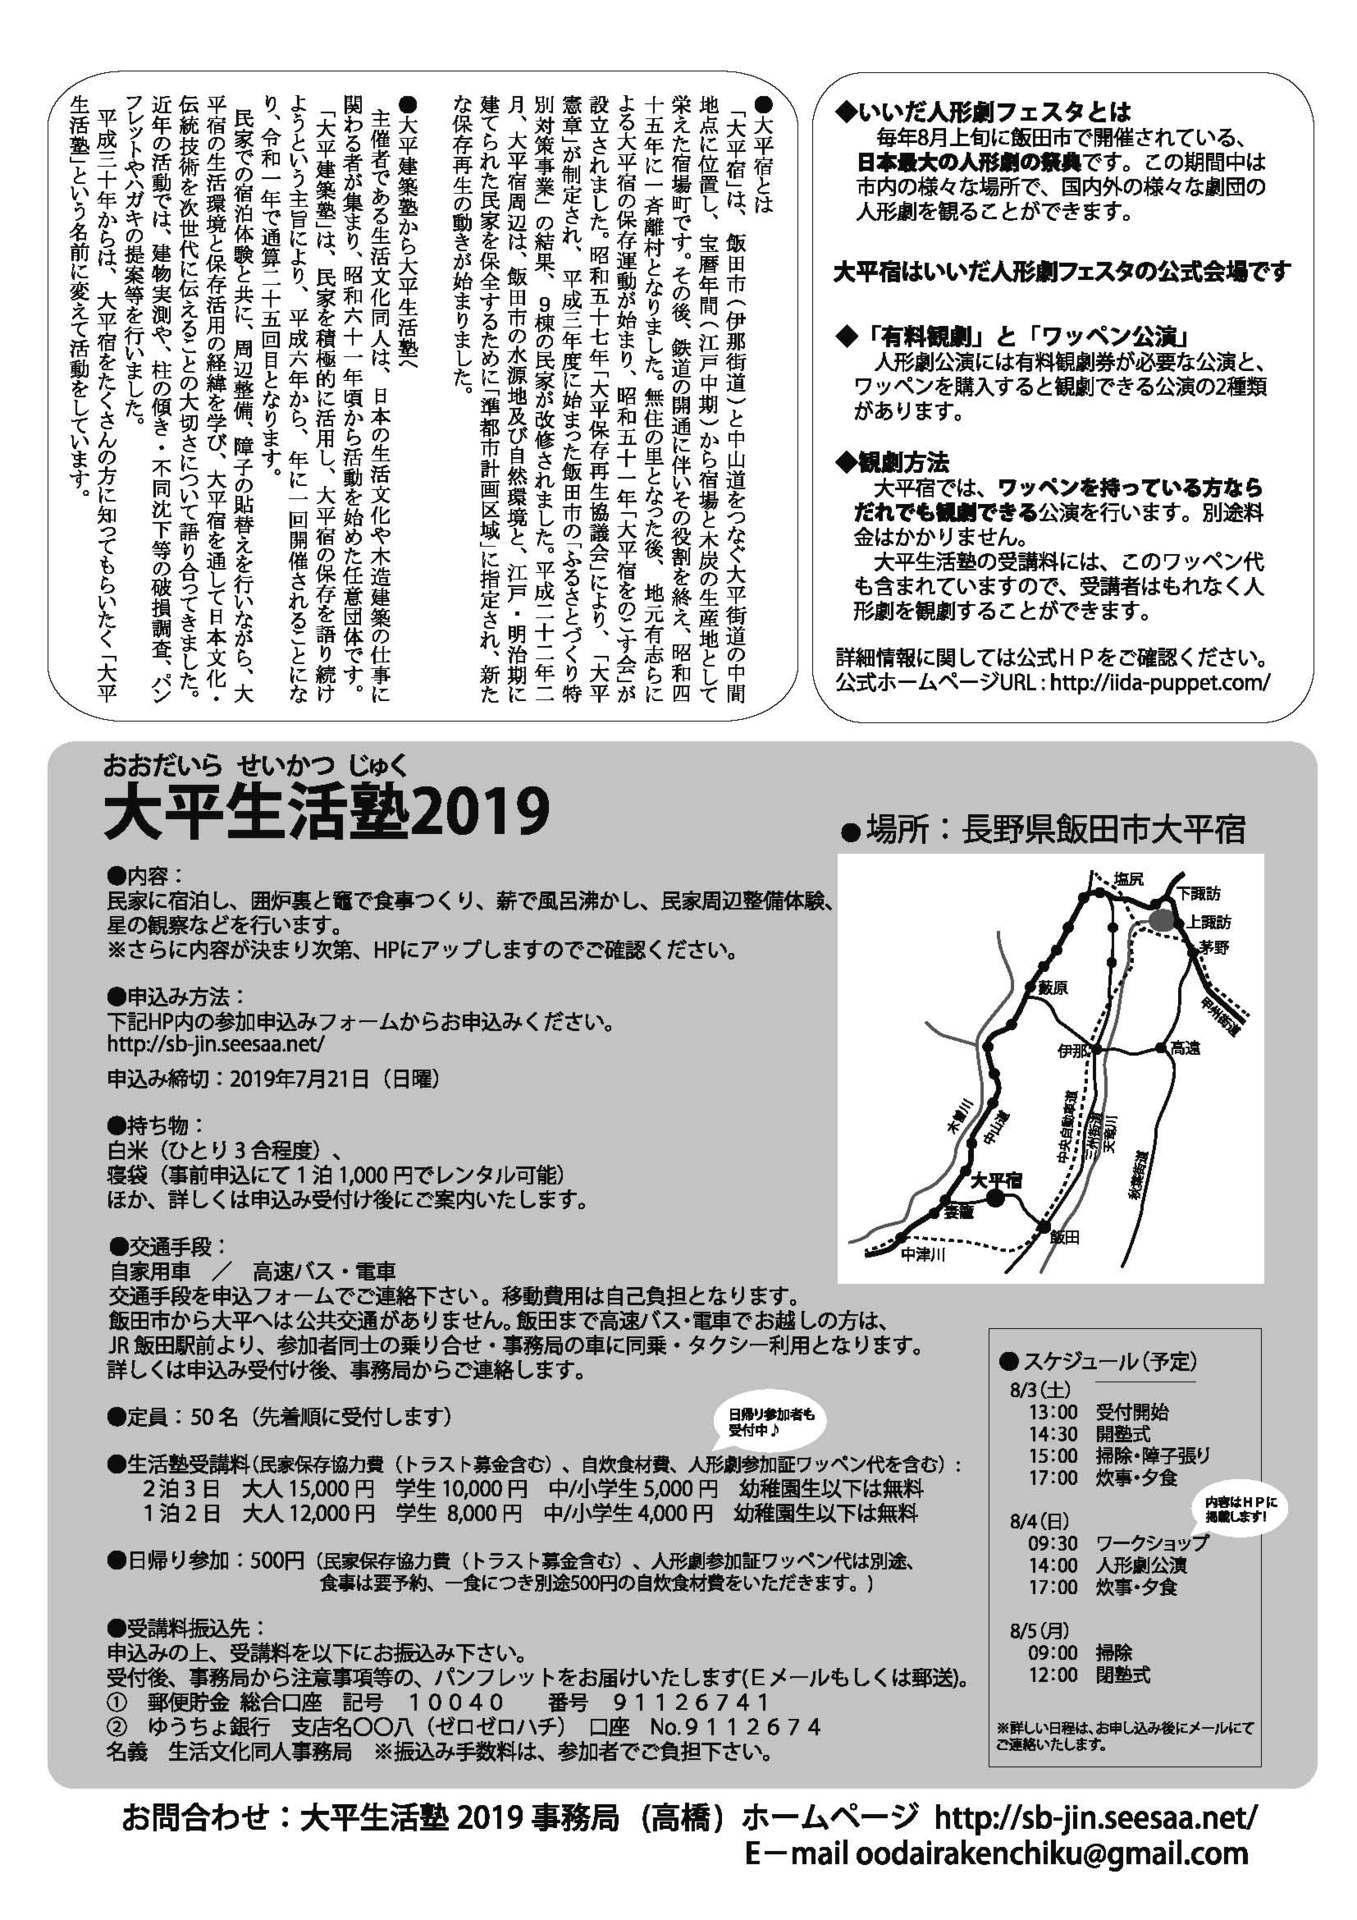 大平生活塾2019_チラシ裏s.jpg